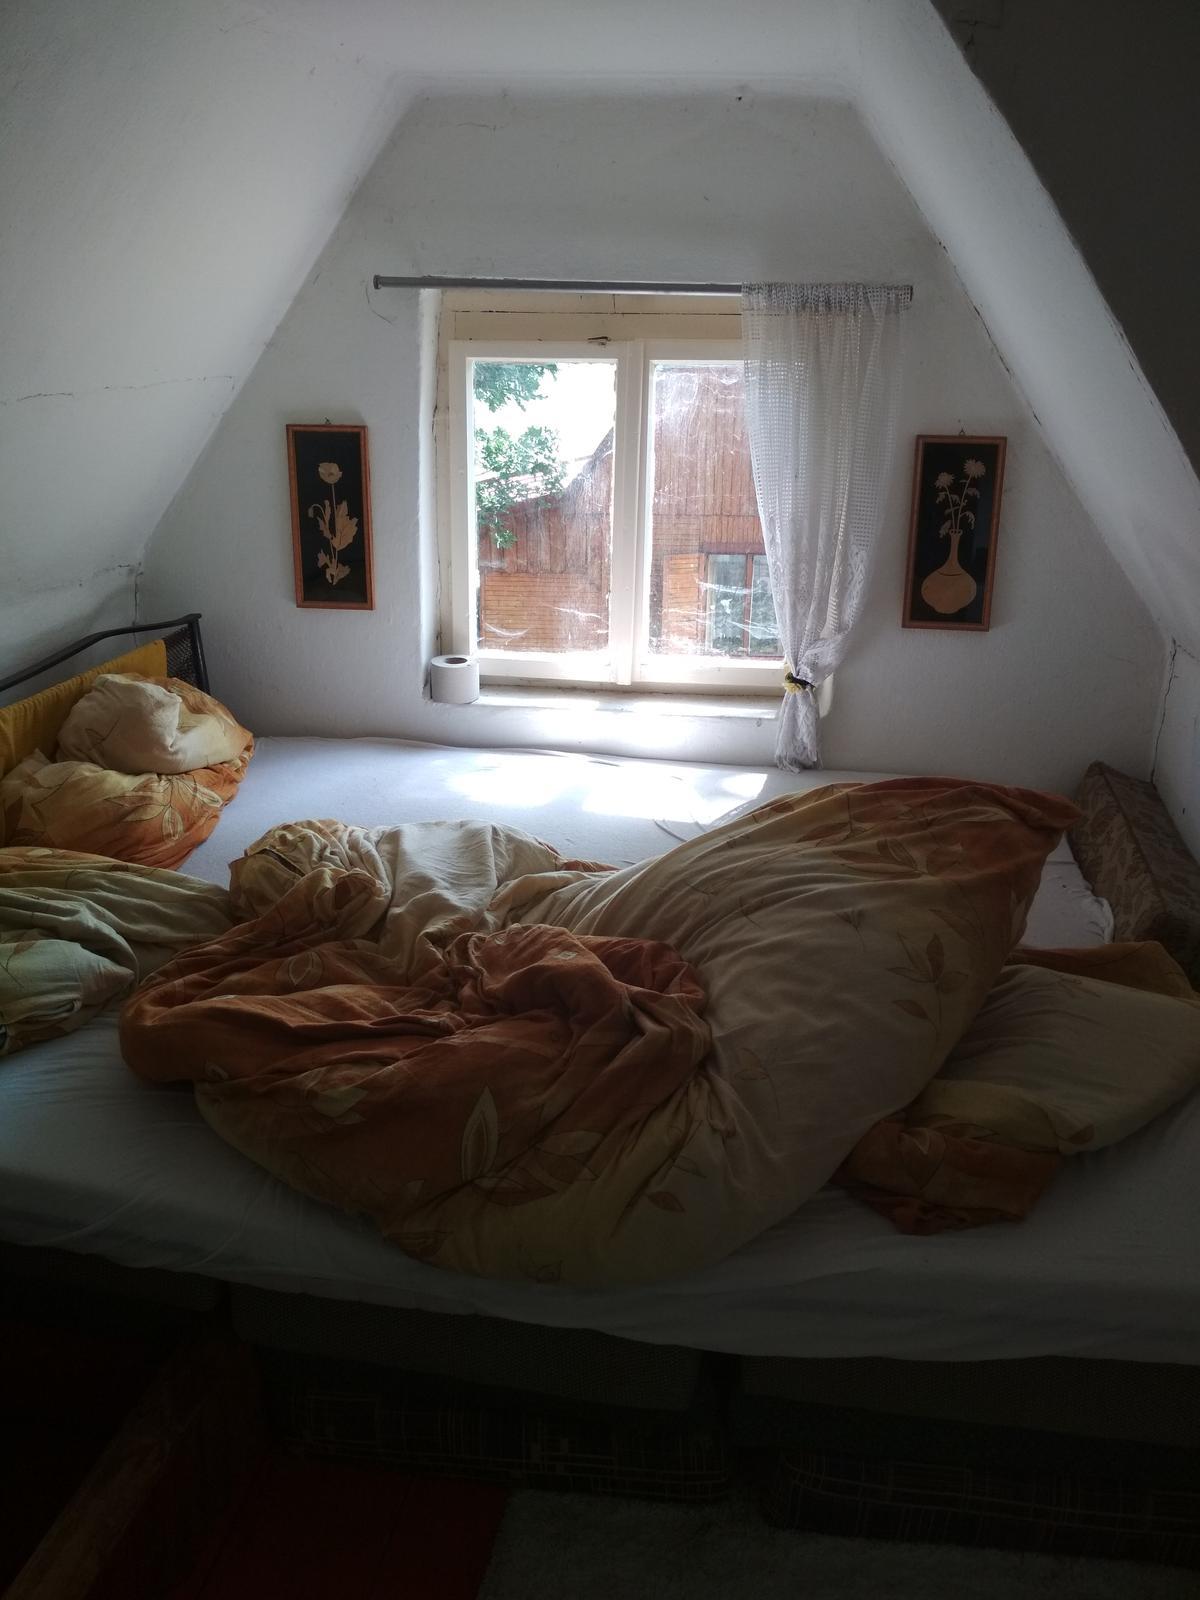 Na chatě u Pejru - Chce to nové omítky,  obrousit okna,  nový komín a střechu. Zatím neřešíme, máme jiné výdaje,  snad časem postupně